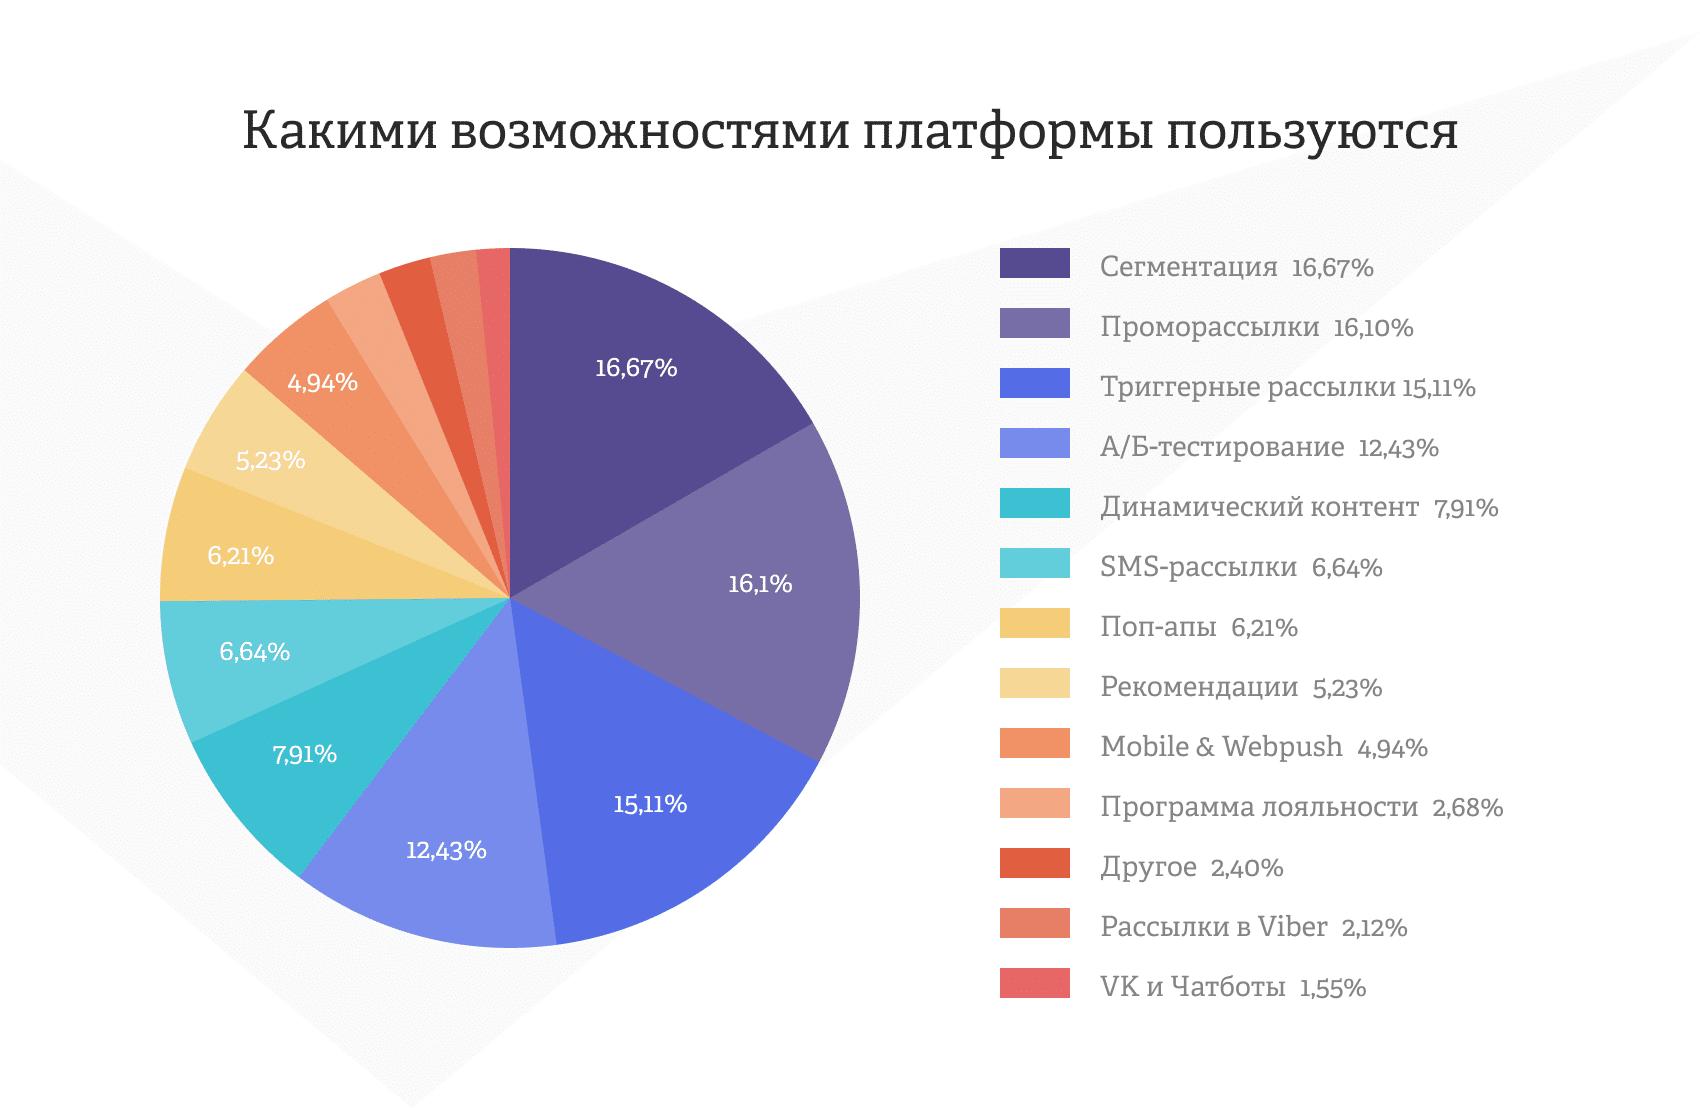 диаграмма: какие возможности платформы используют